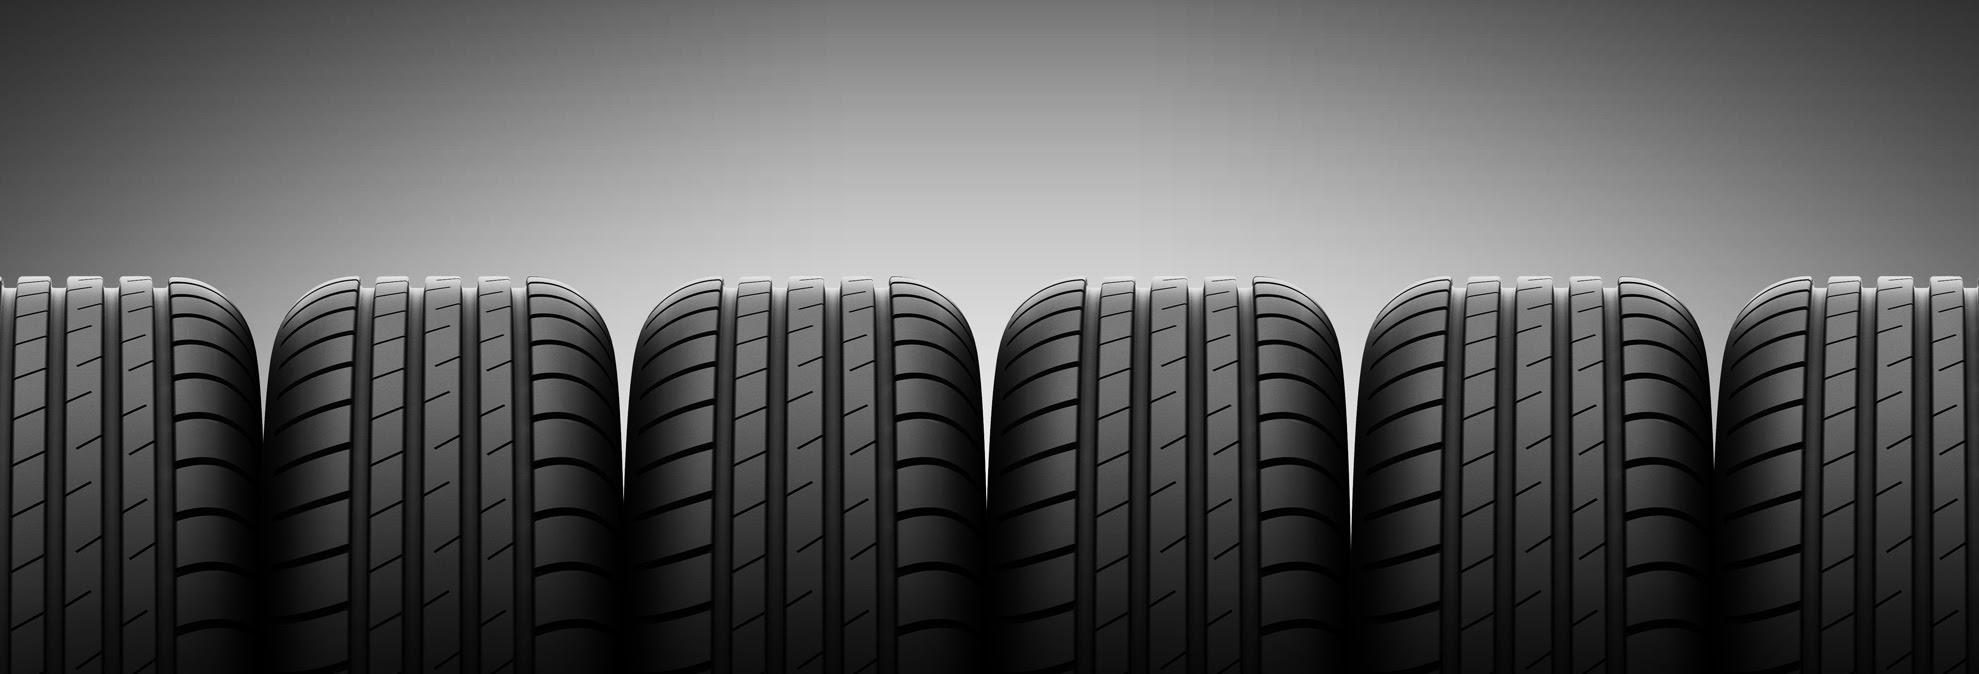 Tires Bent Wheels Solutions Llc - roblox got talent sheet music roblox freexyz